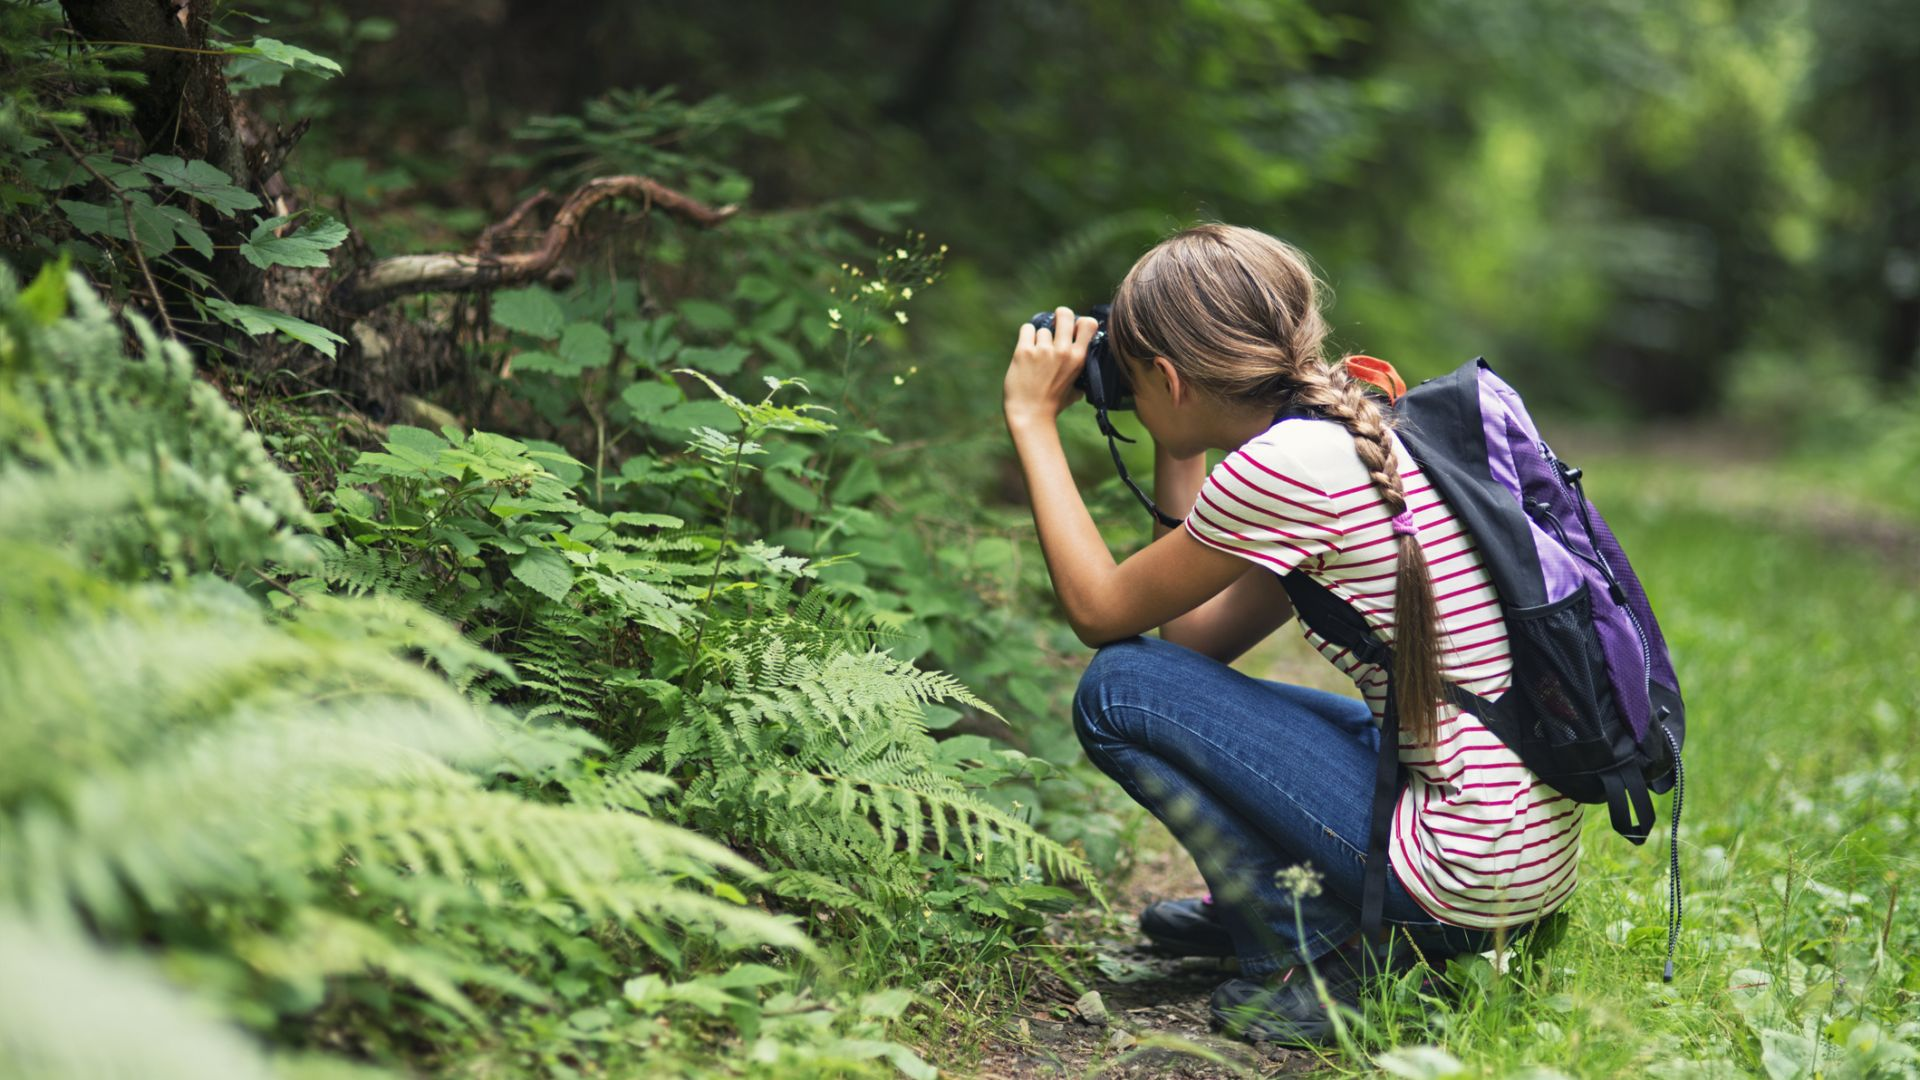 Фотографията развива доста странични умения